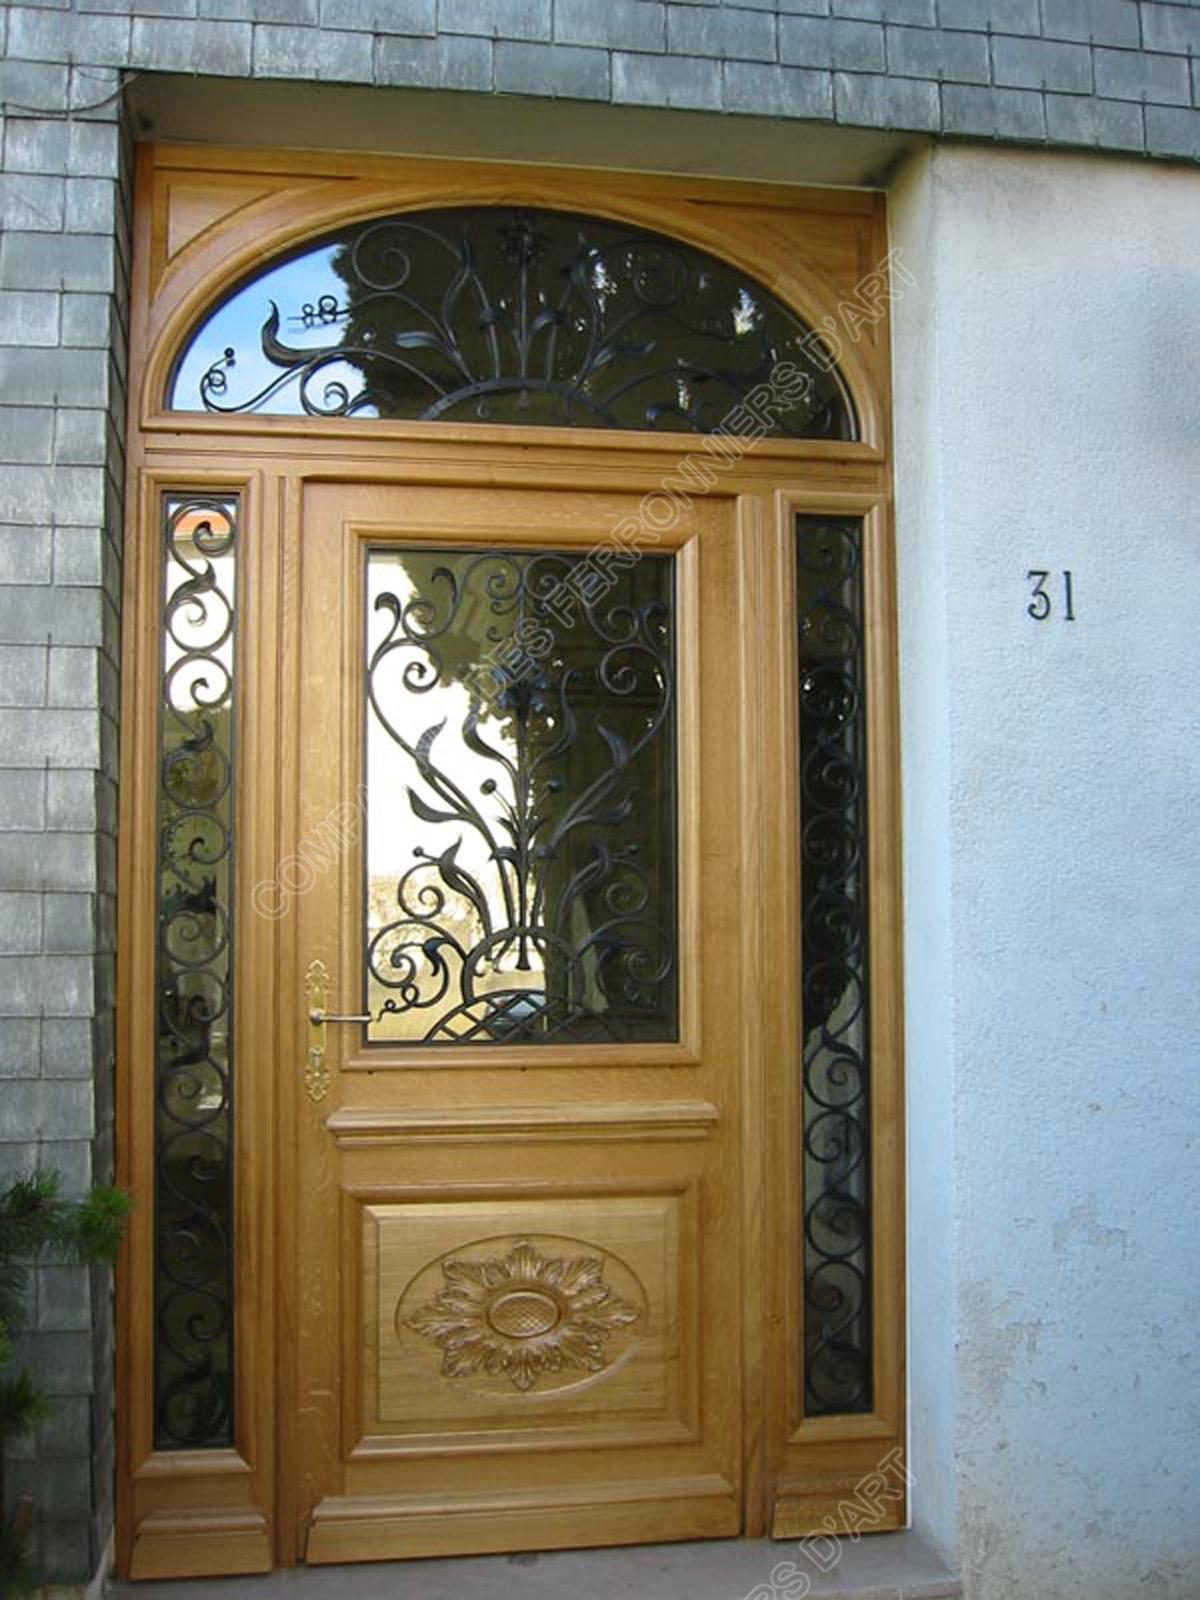 Portes d 39 entr e tierces mod le pet02 cintr e d corative - Porte entree tierce ...